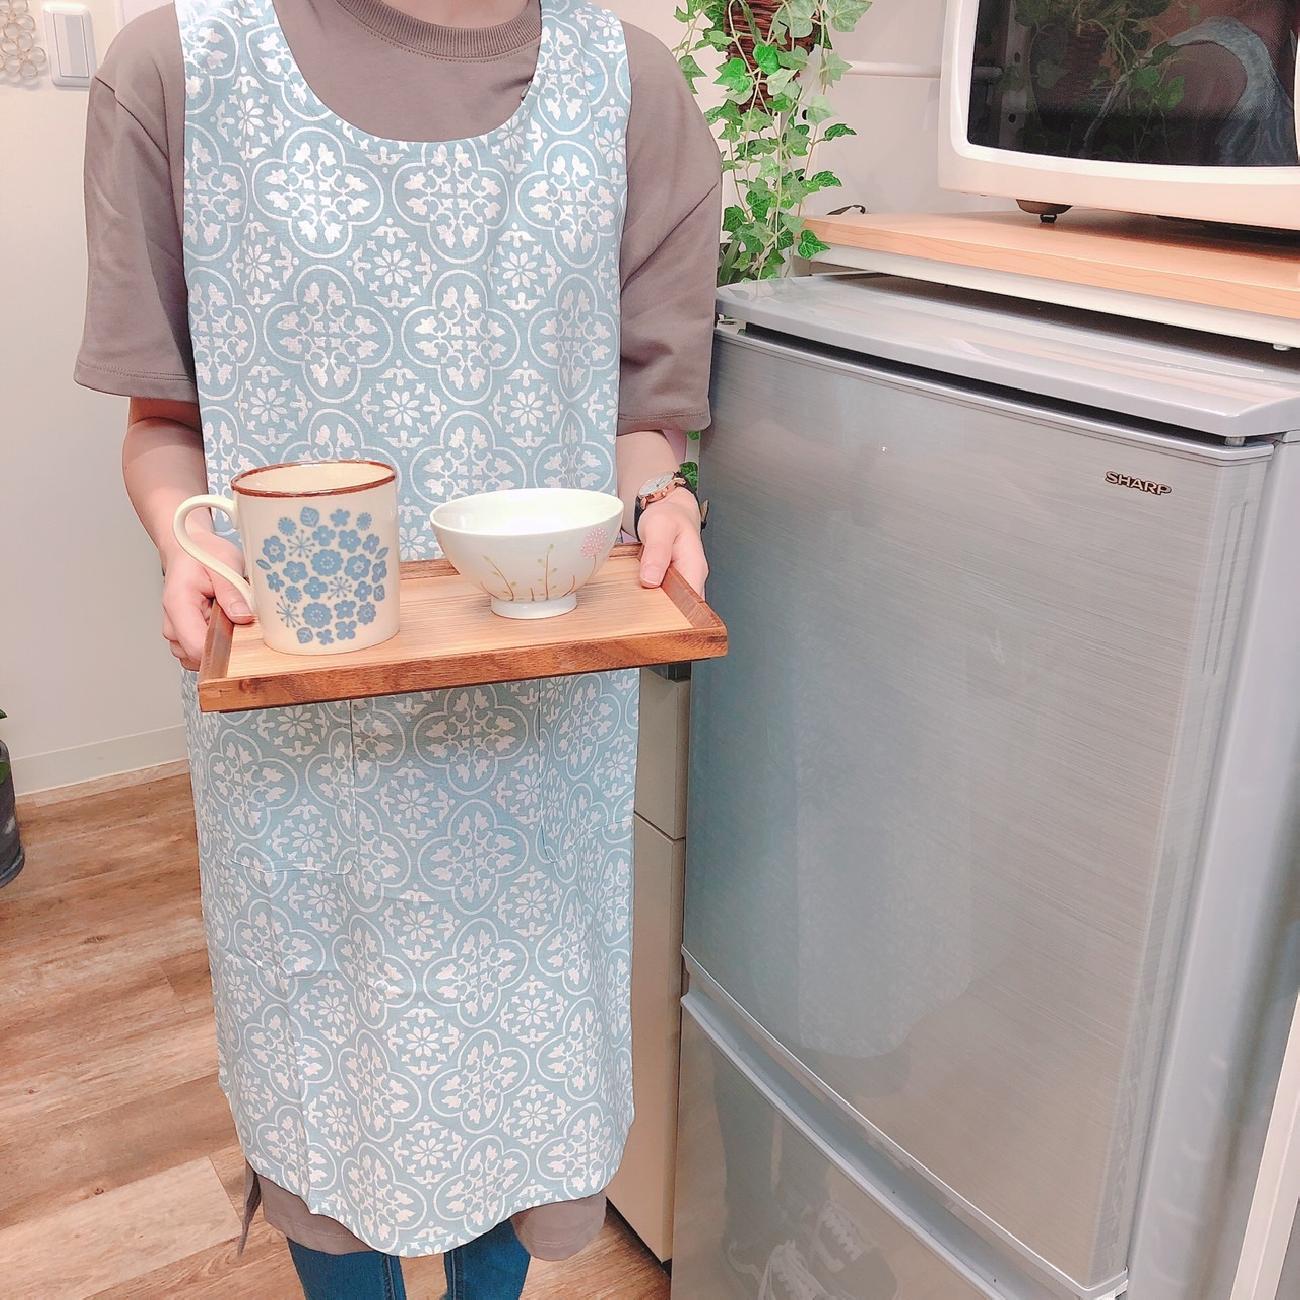 エプロン/キッチン/料理/家事/キッチン雑貨/可愛い/お洒落/花柄/ギフト/プレゼント/贈り物